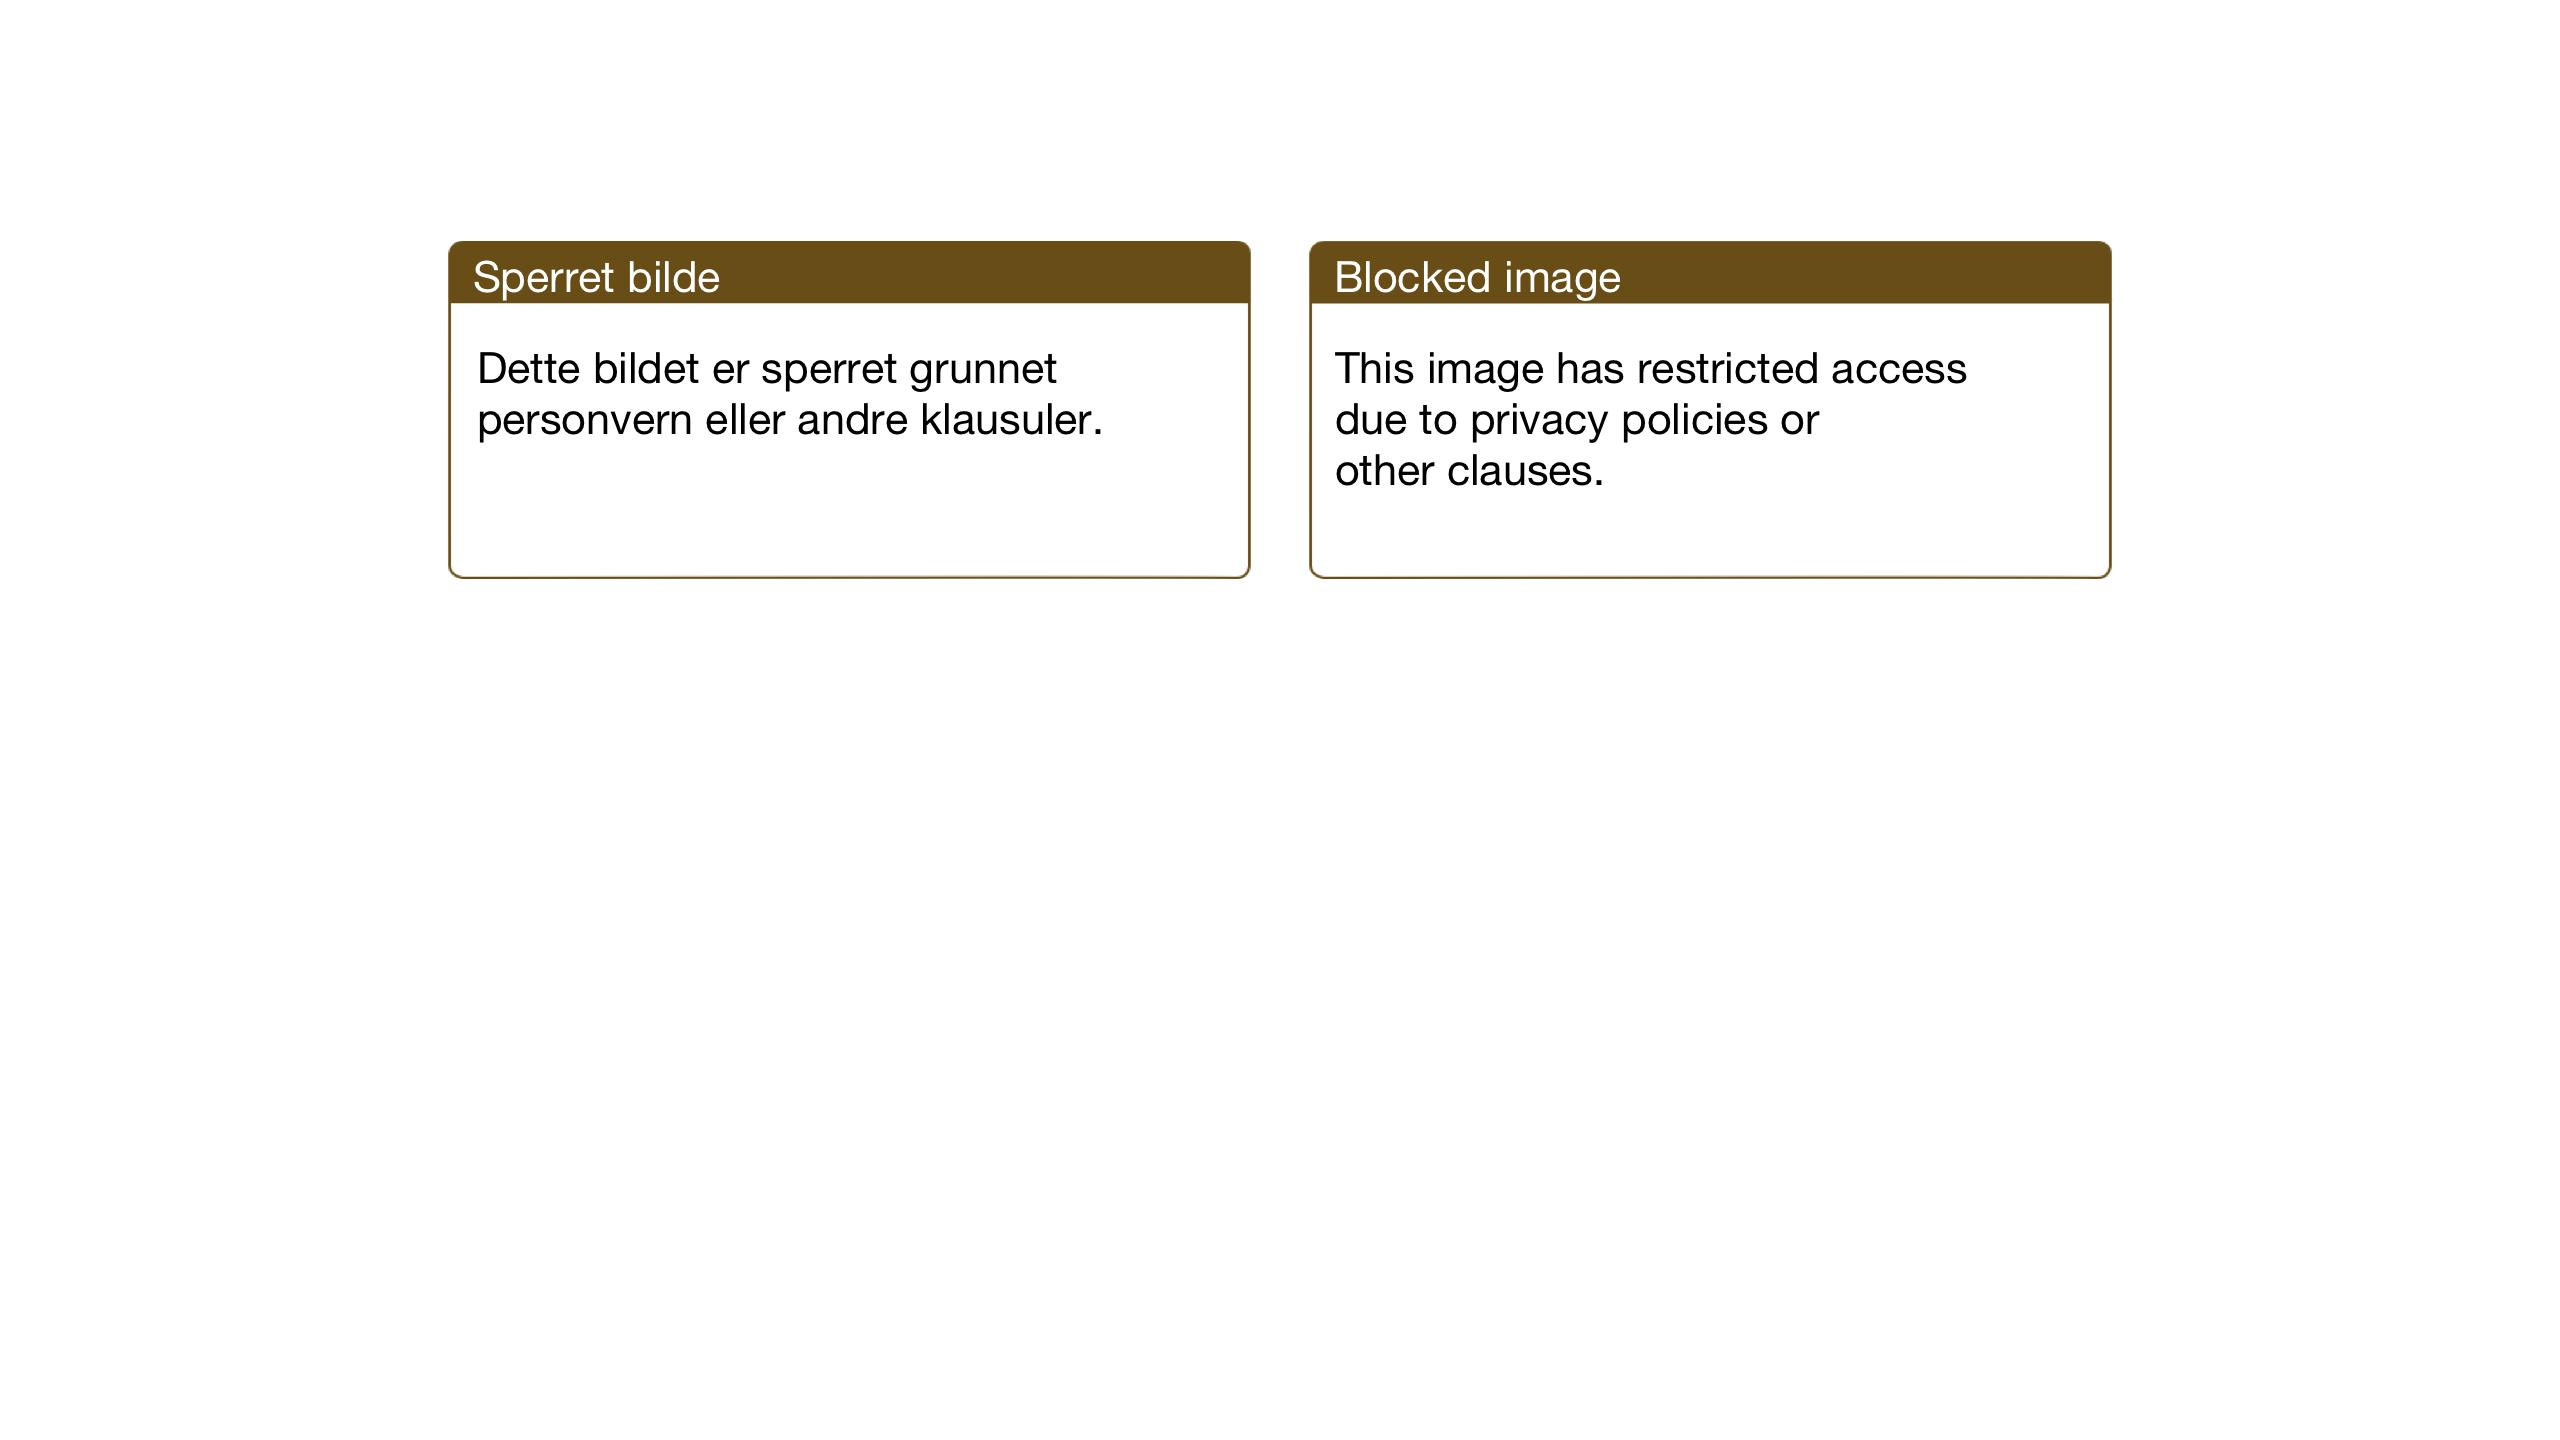 SAT, Ministerialprotokoller, klokkerbøker og fødselsregistre - Nord-Trøndelag, 755/L0500: Klokkerbok nr. 755C01, 1920-1962, s. 104